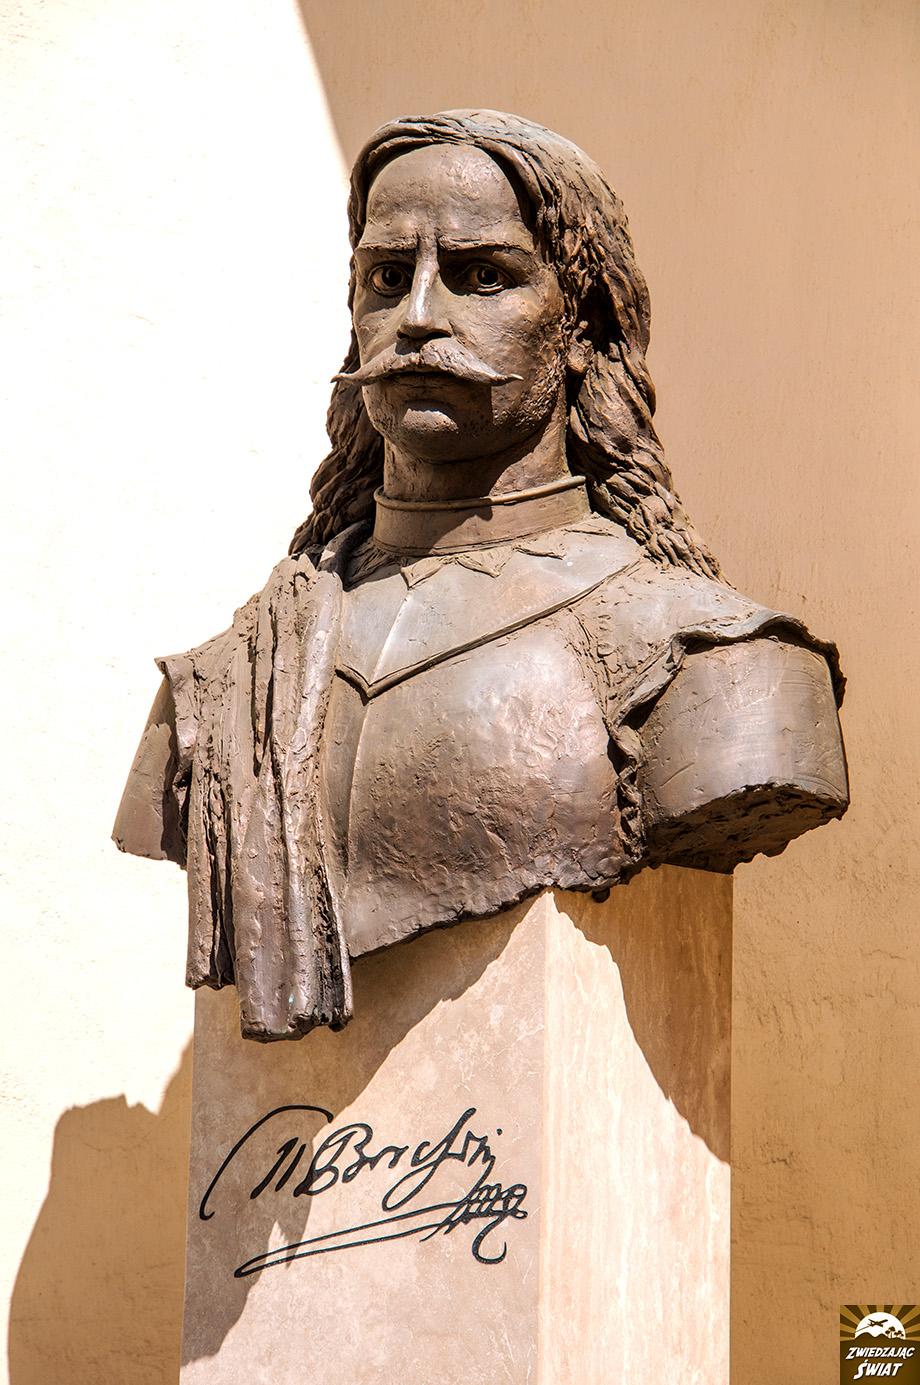 Miklós Bercsényi popiersie, Użhorod